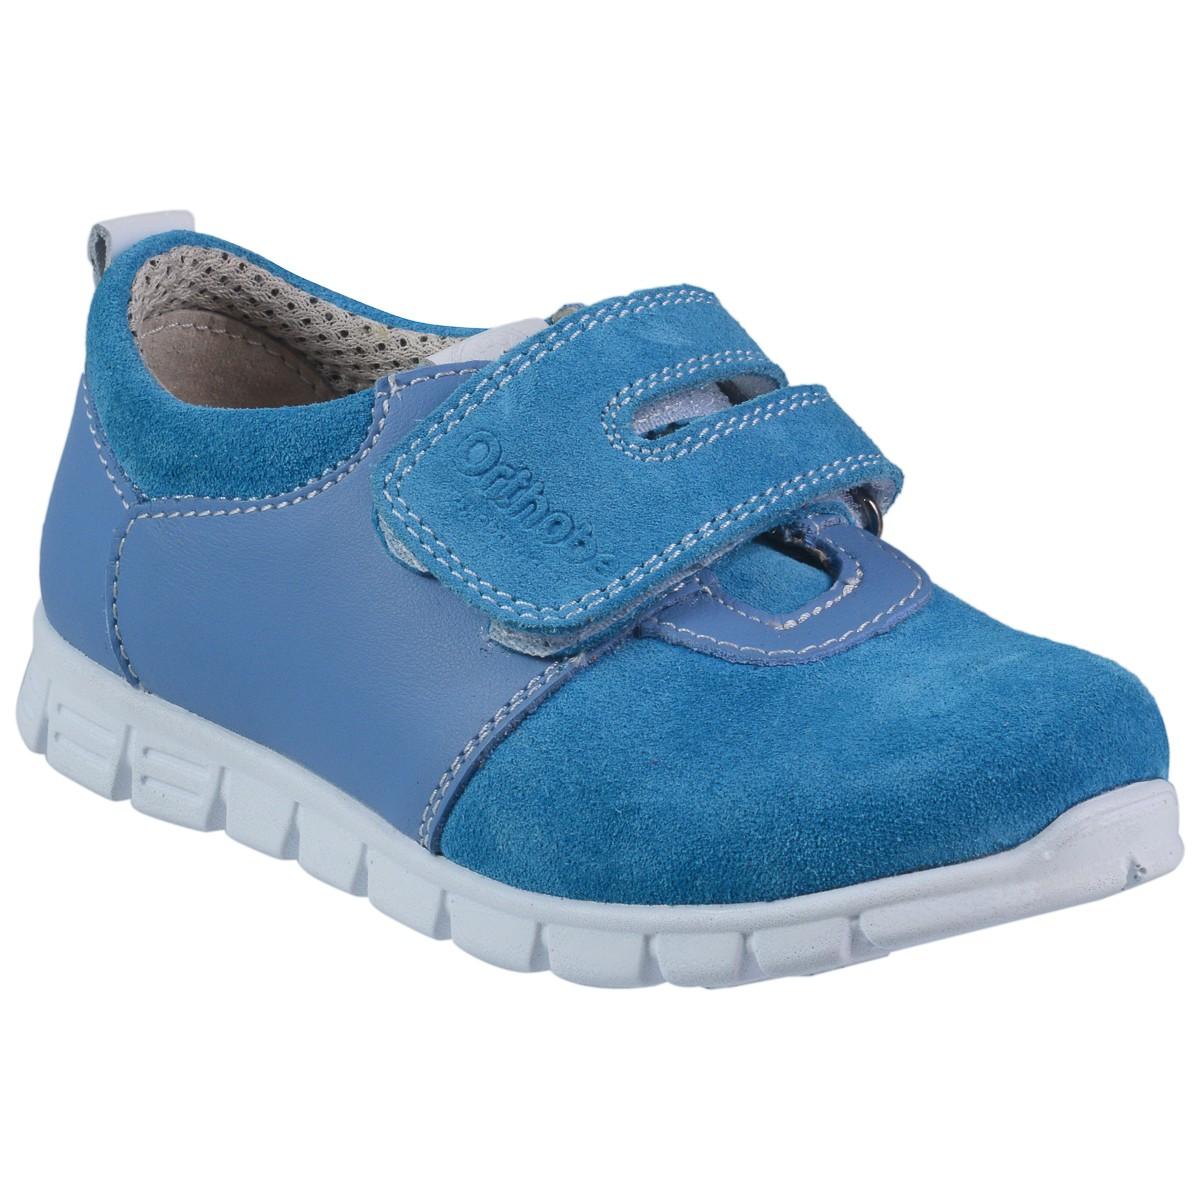 ᐈ Ортопедическая Обувь — купить в интернет-магазине Орто-Лайн 479ebac7cc275